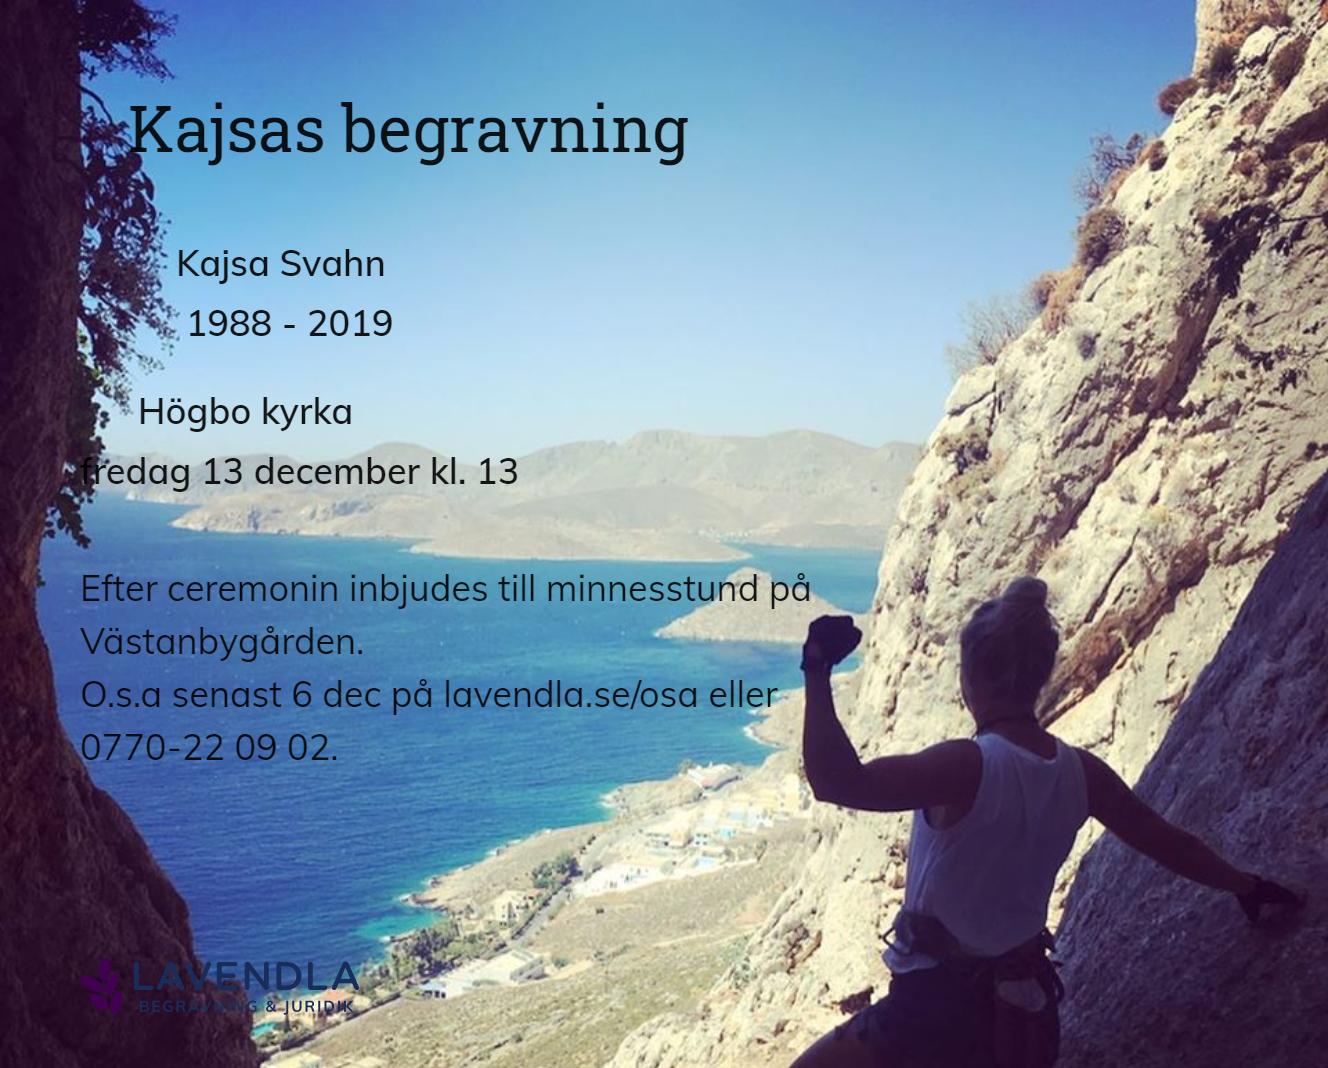 Inbjudningskort till ceremonin för Kajsa Svahn